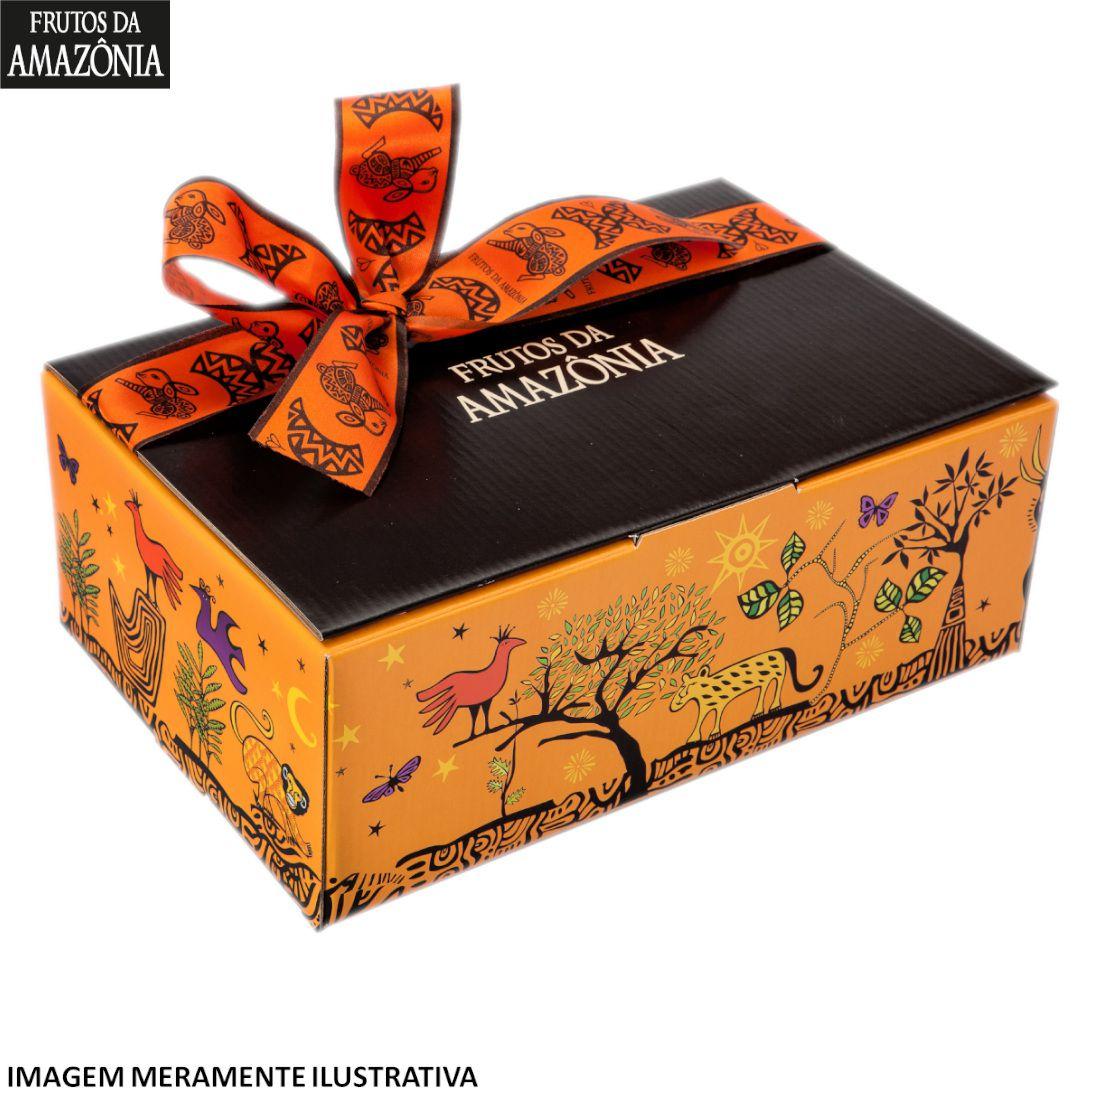 Caixa Maracajá  - Frutos da Amazônia